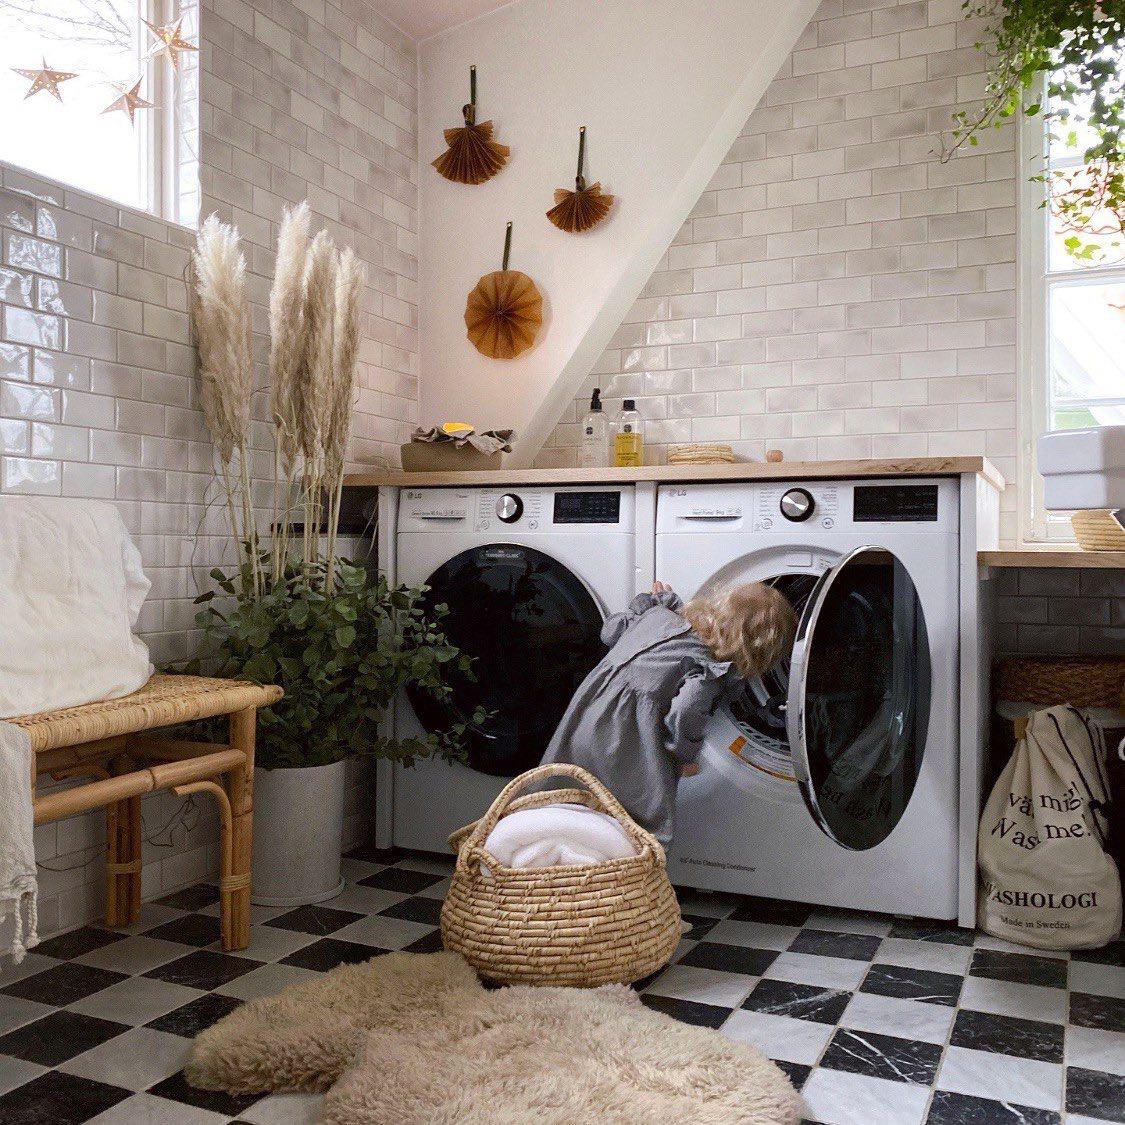 Дизайн майбутнього: 5 ефективних способів зробити домівку стильною та функціональною-Фото 3